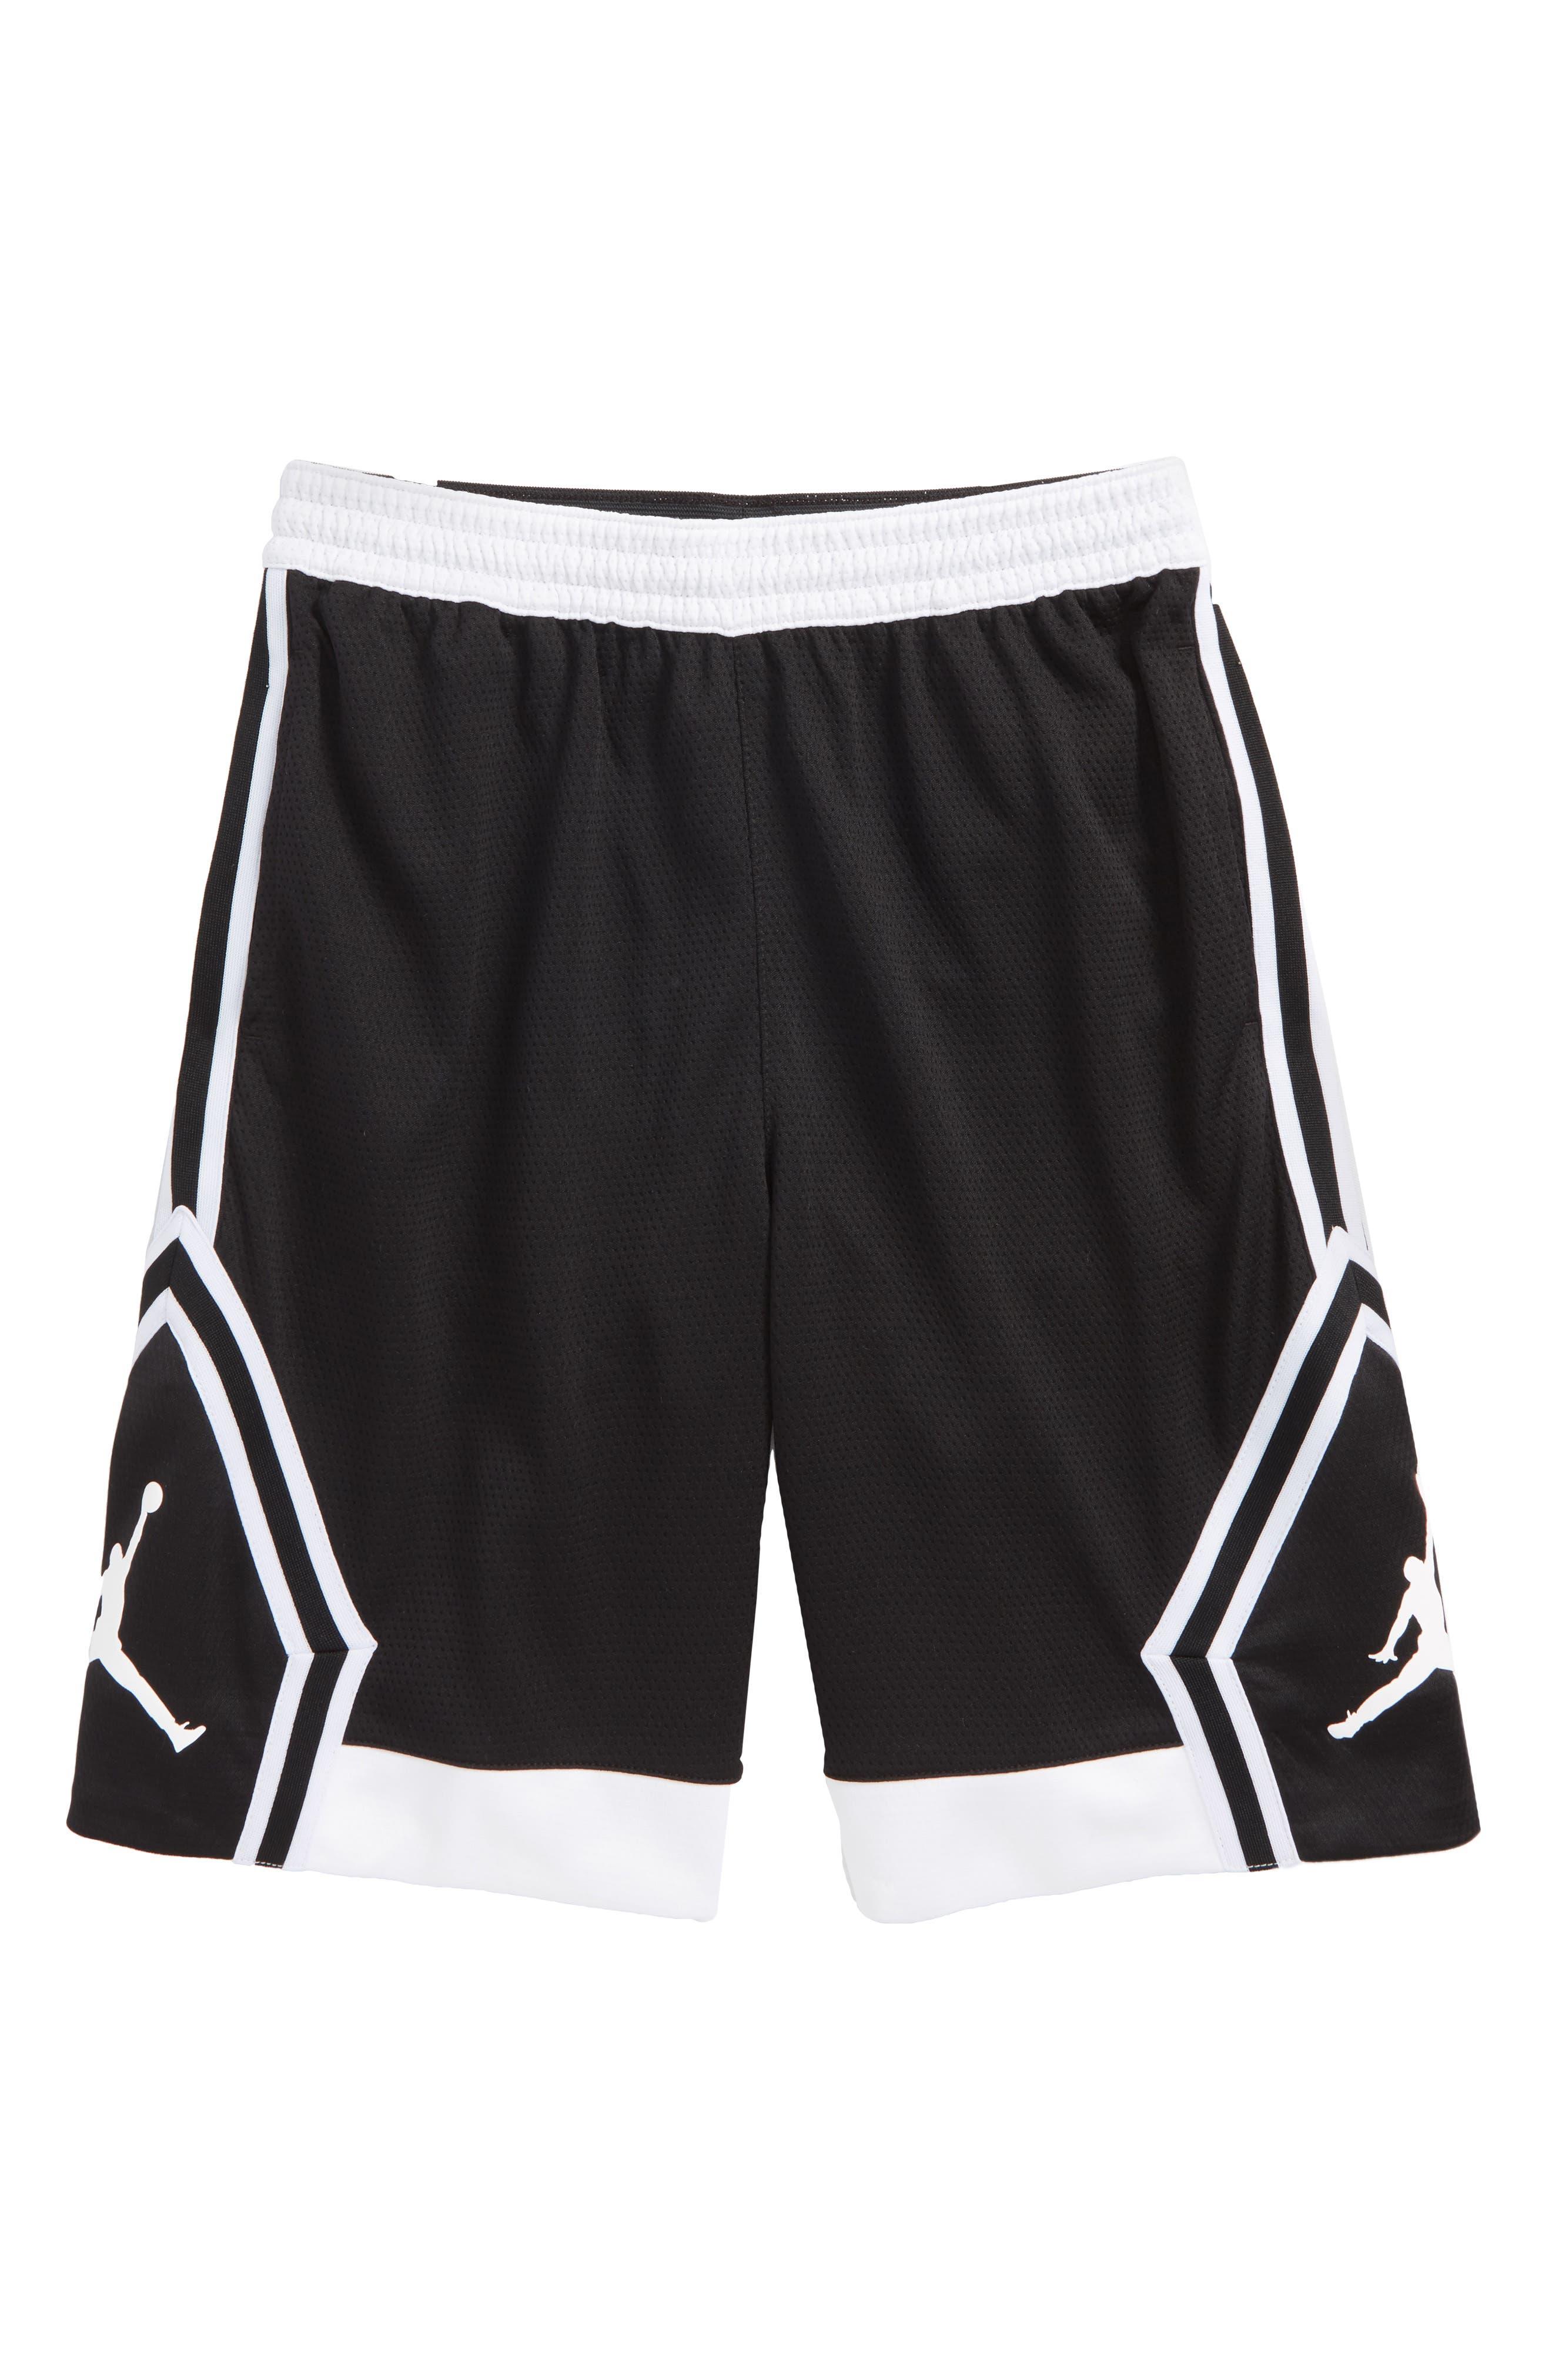 Jordan Rise Diamond Dri-FIT Basketball Shorts,                         Main,                         color, Black